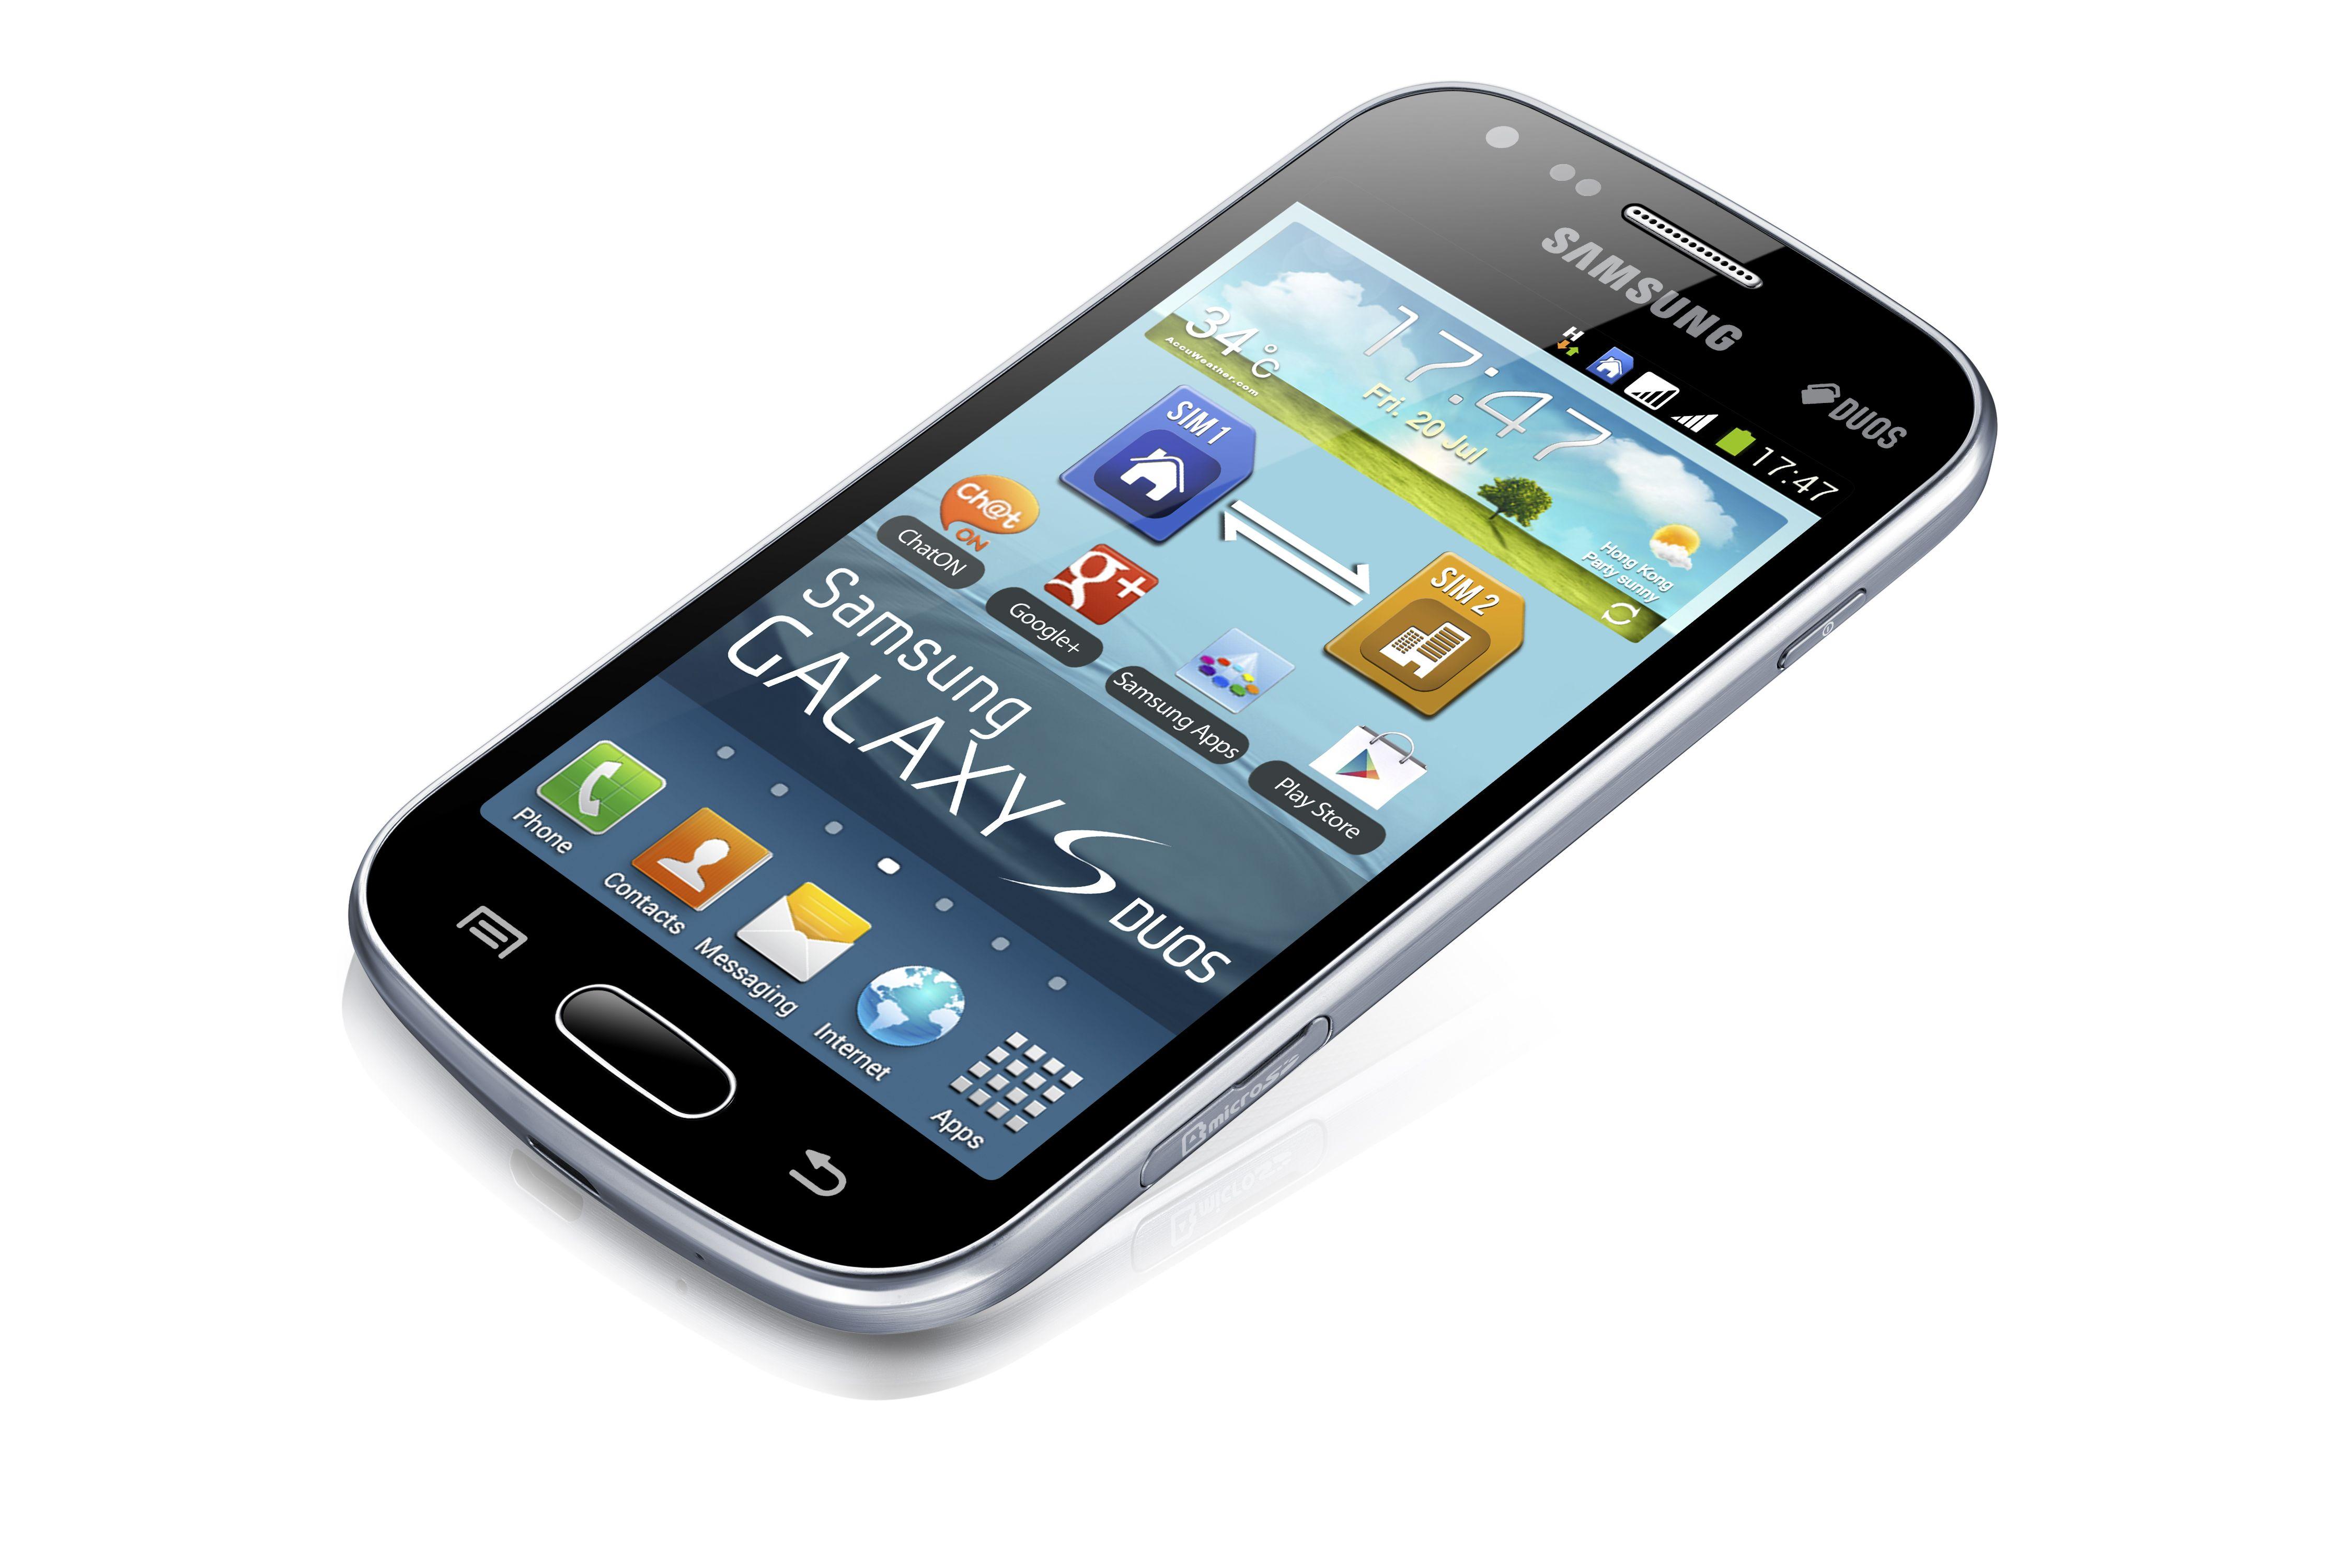 Samsung galaxy s duos smartphone